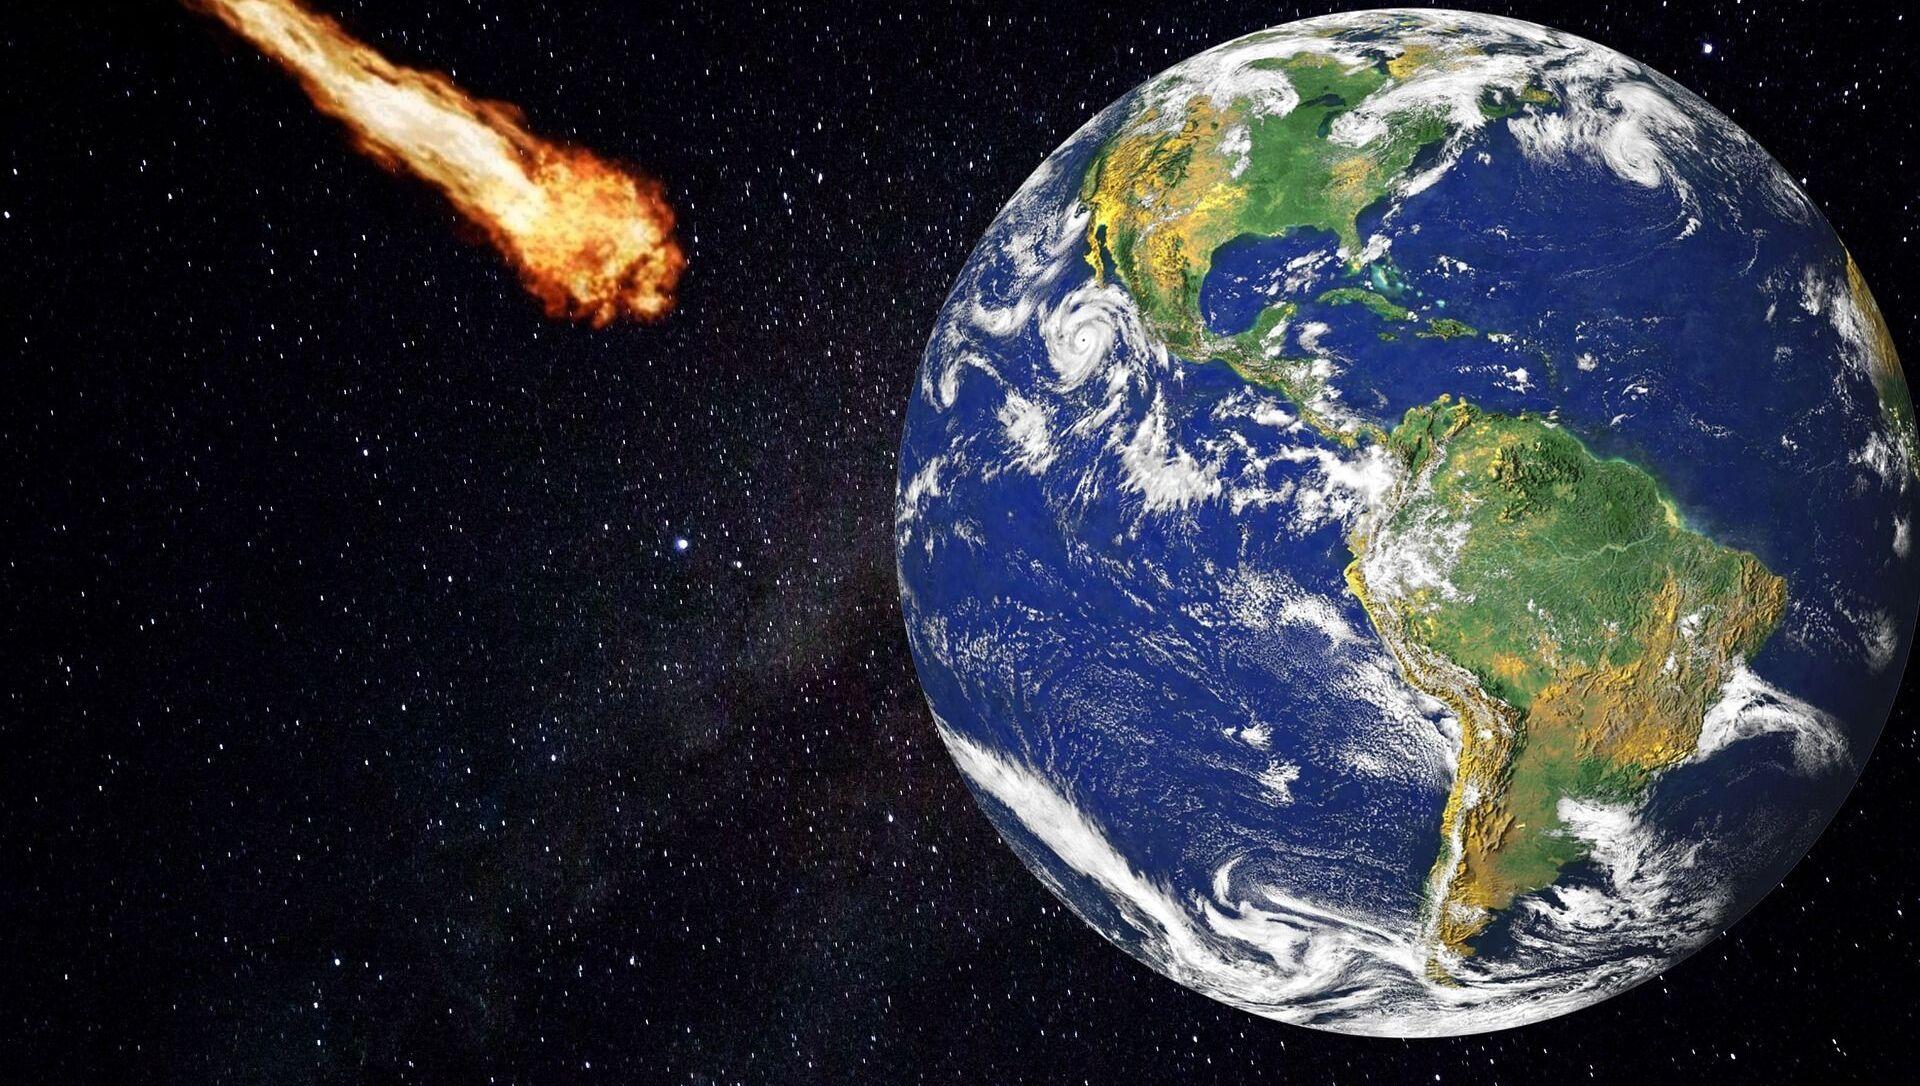 Un meteorito a punto de impactar contra la Tierra - Sputnik Mundo, 1920, 15.09.2020